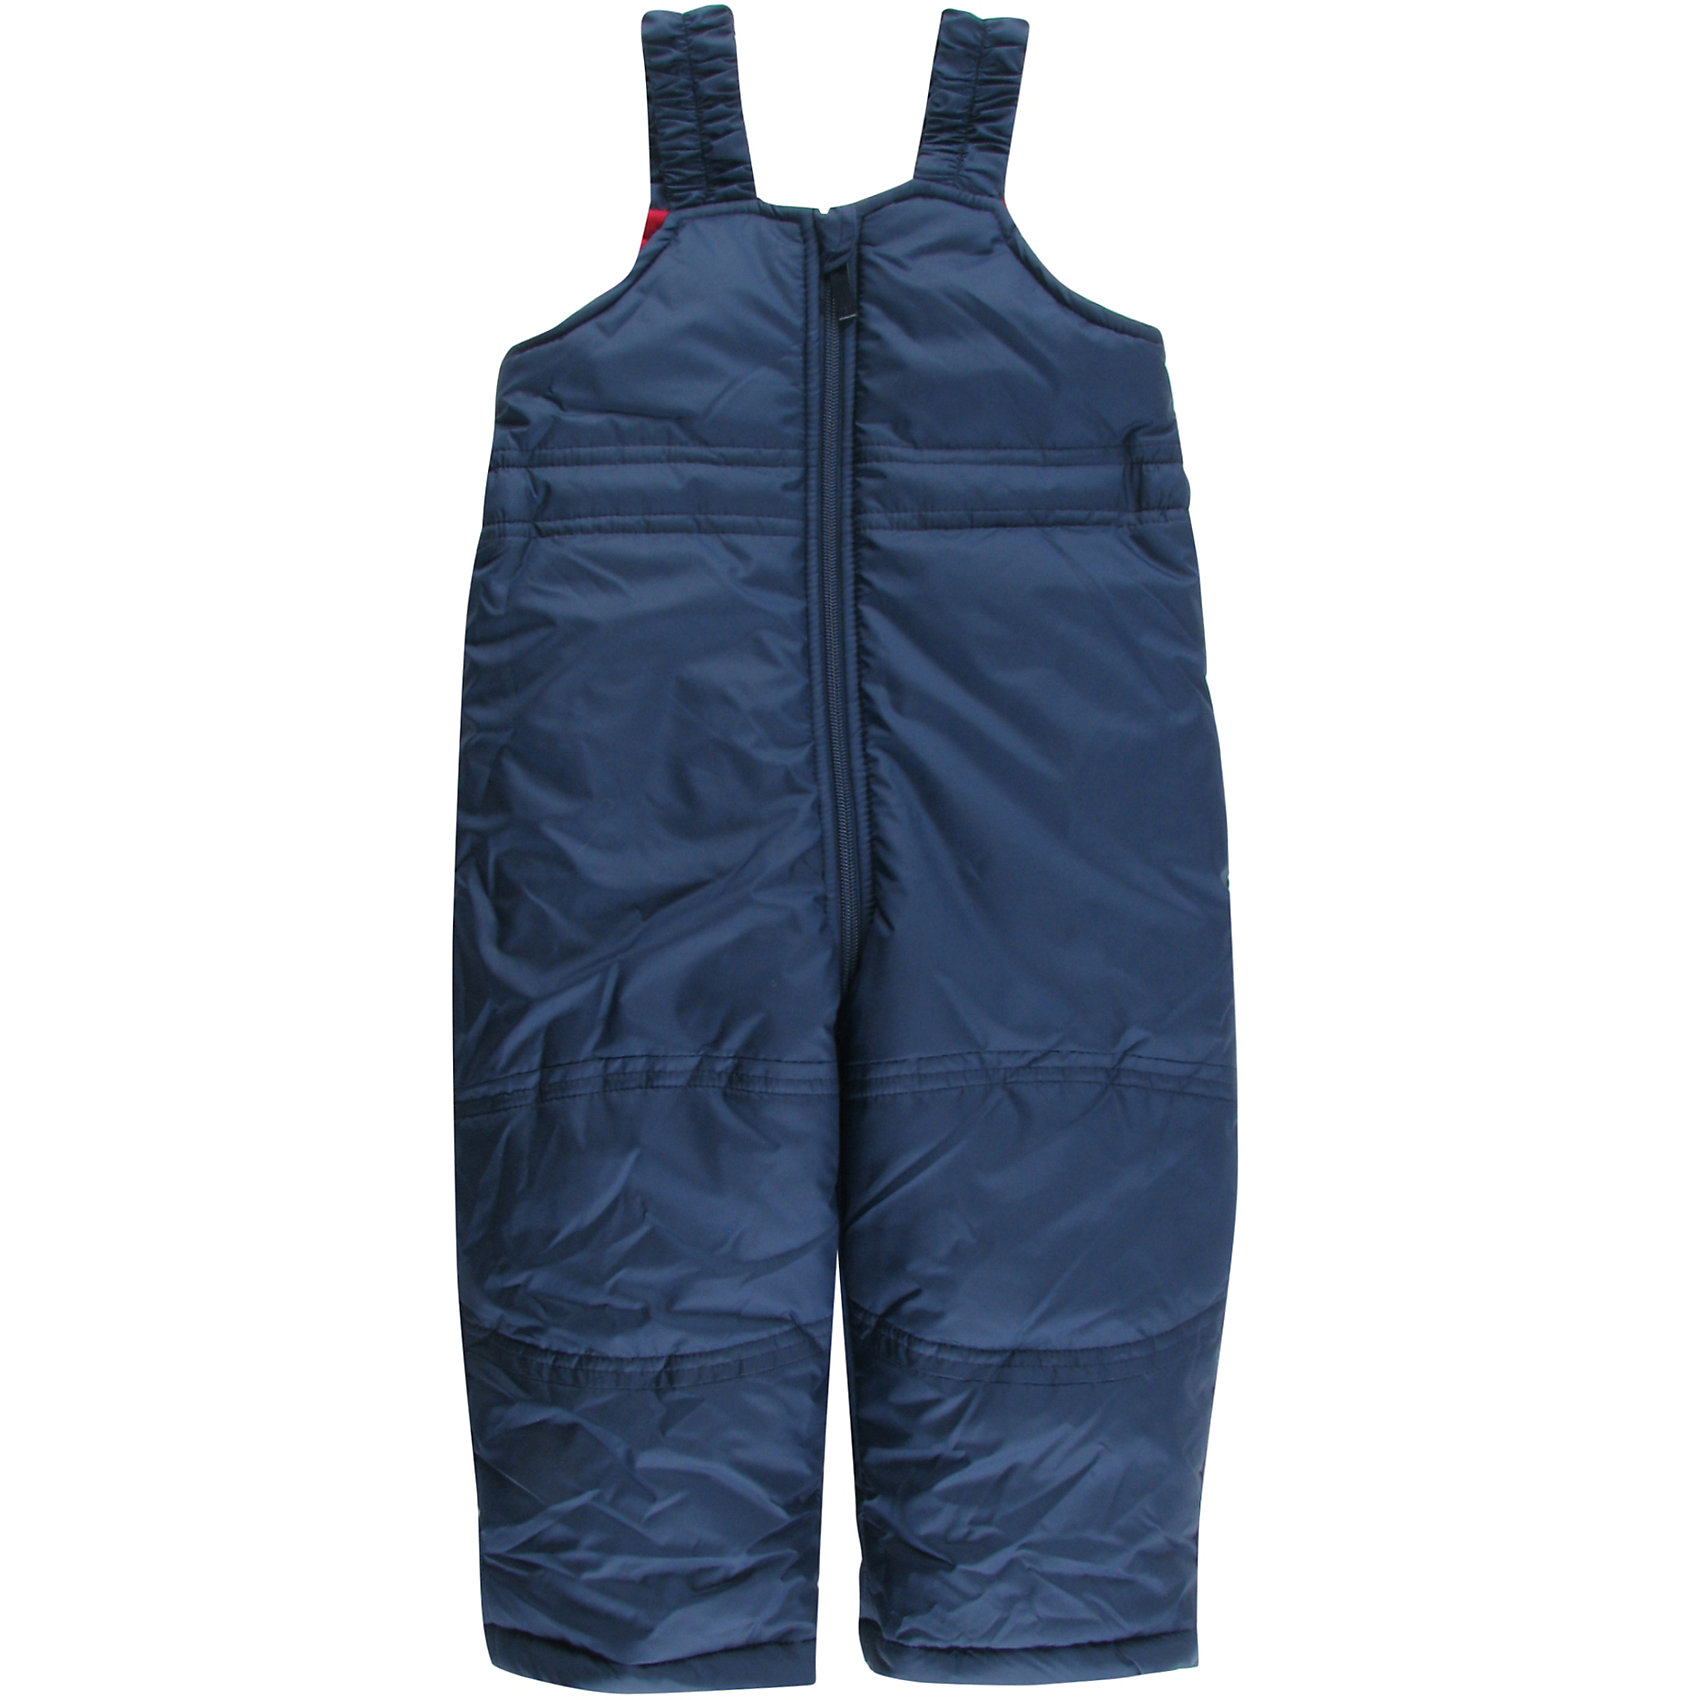 Полукомбинезон для мальчика WojcikВерхняя одежда<br>Характеристики товара:<br><br>• цвет: синий<br>• состав ткани: 100% полиэстер<br>• подкладка: 100% полиэстер<br>• утеплитель: 100% полиэстер<br>• сезон: демисезон<br>• температурный режим: от -5 до +15<br>• особенности модели: лямки<br>• застежка: молния<br>• страна бренда: Польша<br>• страна изготовитель: Польша<br><br>Удобные брюки для мальчика Wojcik помогут обеспечить ребенку тепло и комфорт. Детские брюки дополнены удобными лямками. Эти утепленные брюки для детей - очень комфортные. Одежда для детей из Польши от бренда Wojcik отличается хорошим качеством и стилем. <br><br>Брюки для мальчика Wojcik (Войчик) можно купить в нашем интернет-магазине.<br><br>Ширина мм: 215<br>Глубина мм: 88<br>Высота мм: 191<br>Вес г: 336<br>Цвет: серый<br>Возраст от месяцев: 12<br>Возраст до месяцев: 15<br>Пол: Мужской<br>Возраст: Детский<br>Размер: 80,98,92,86<br>SKU: 5591982